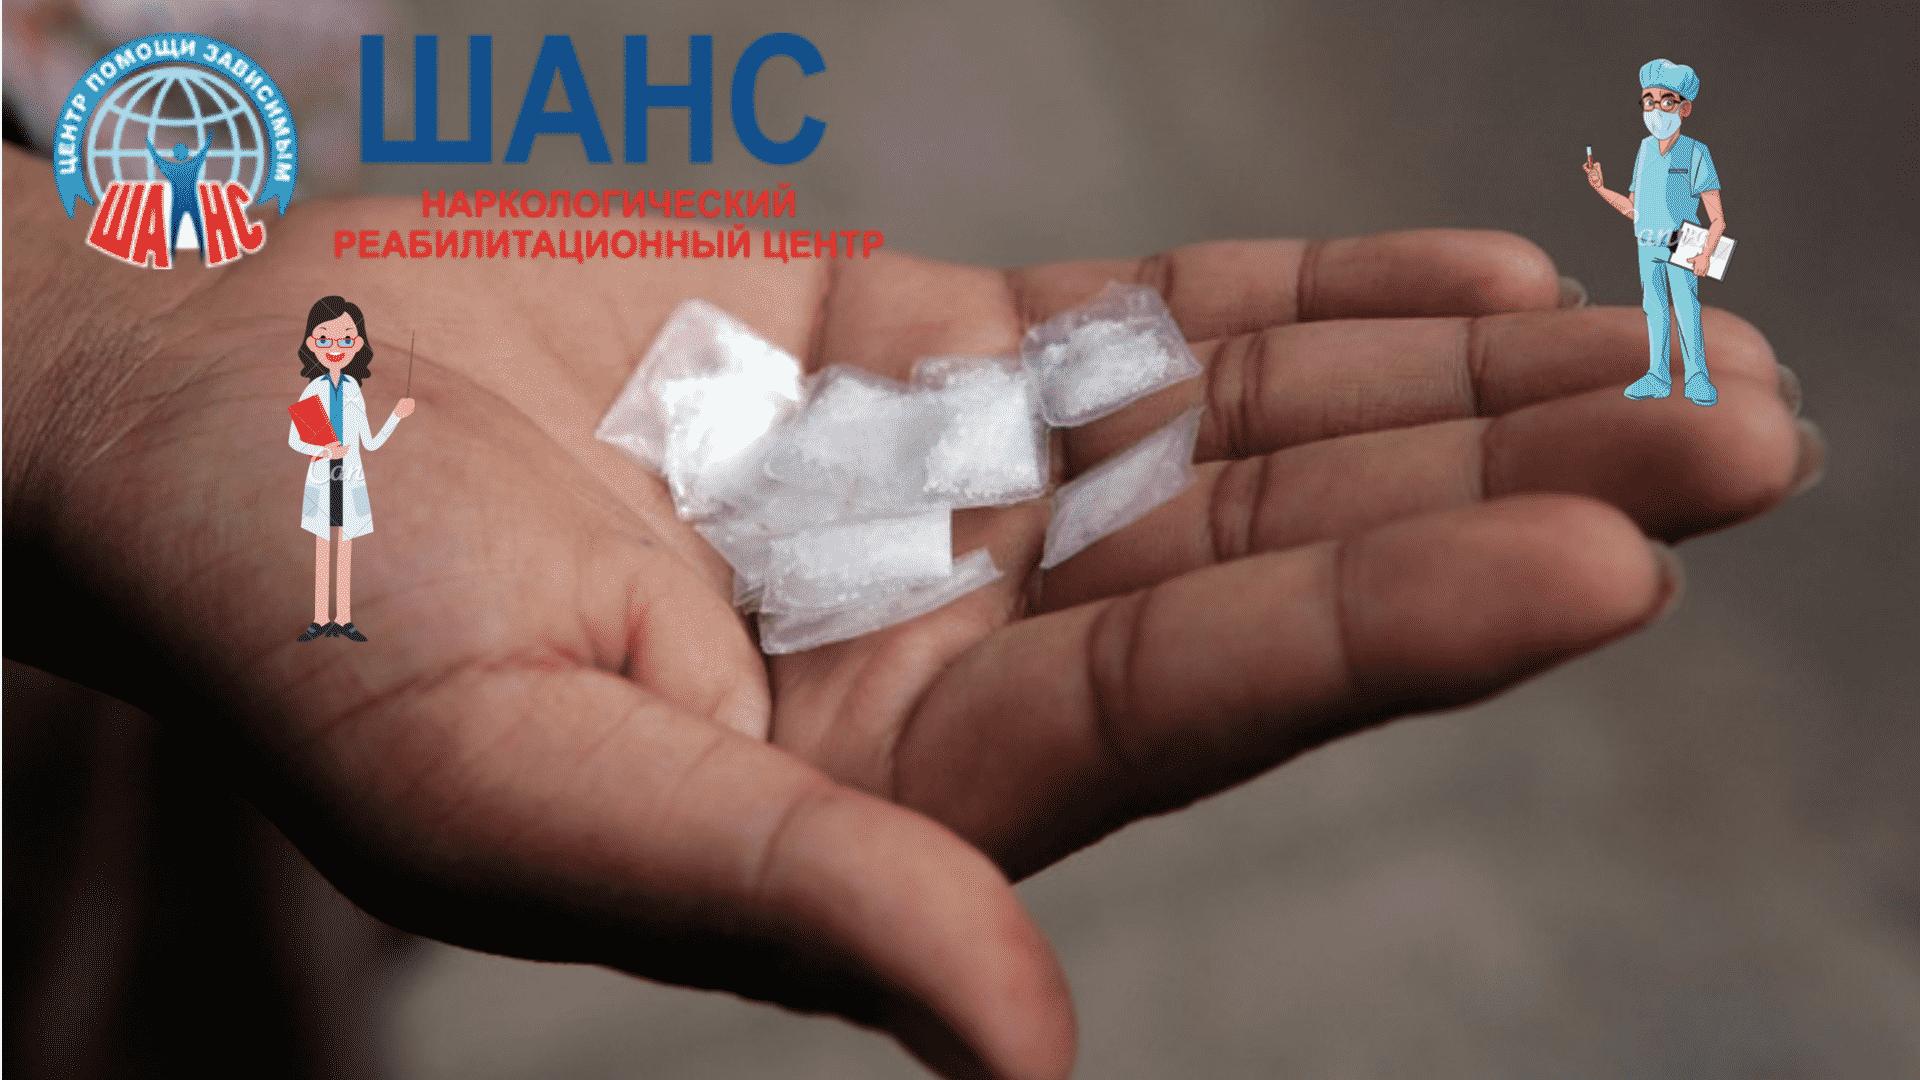 Наркотик спайс опыт людей употребляющих HQ бот телеграм Раменское